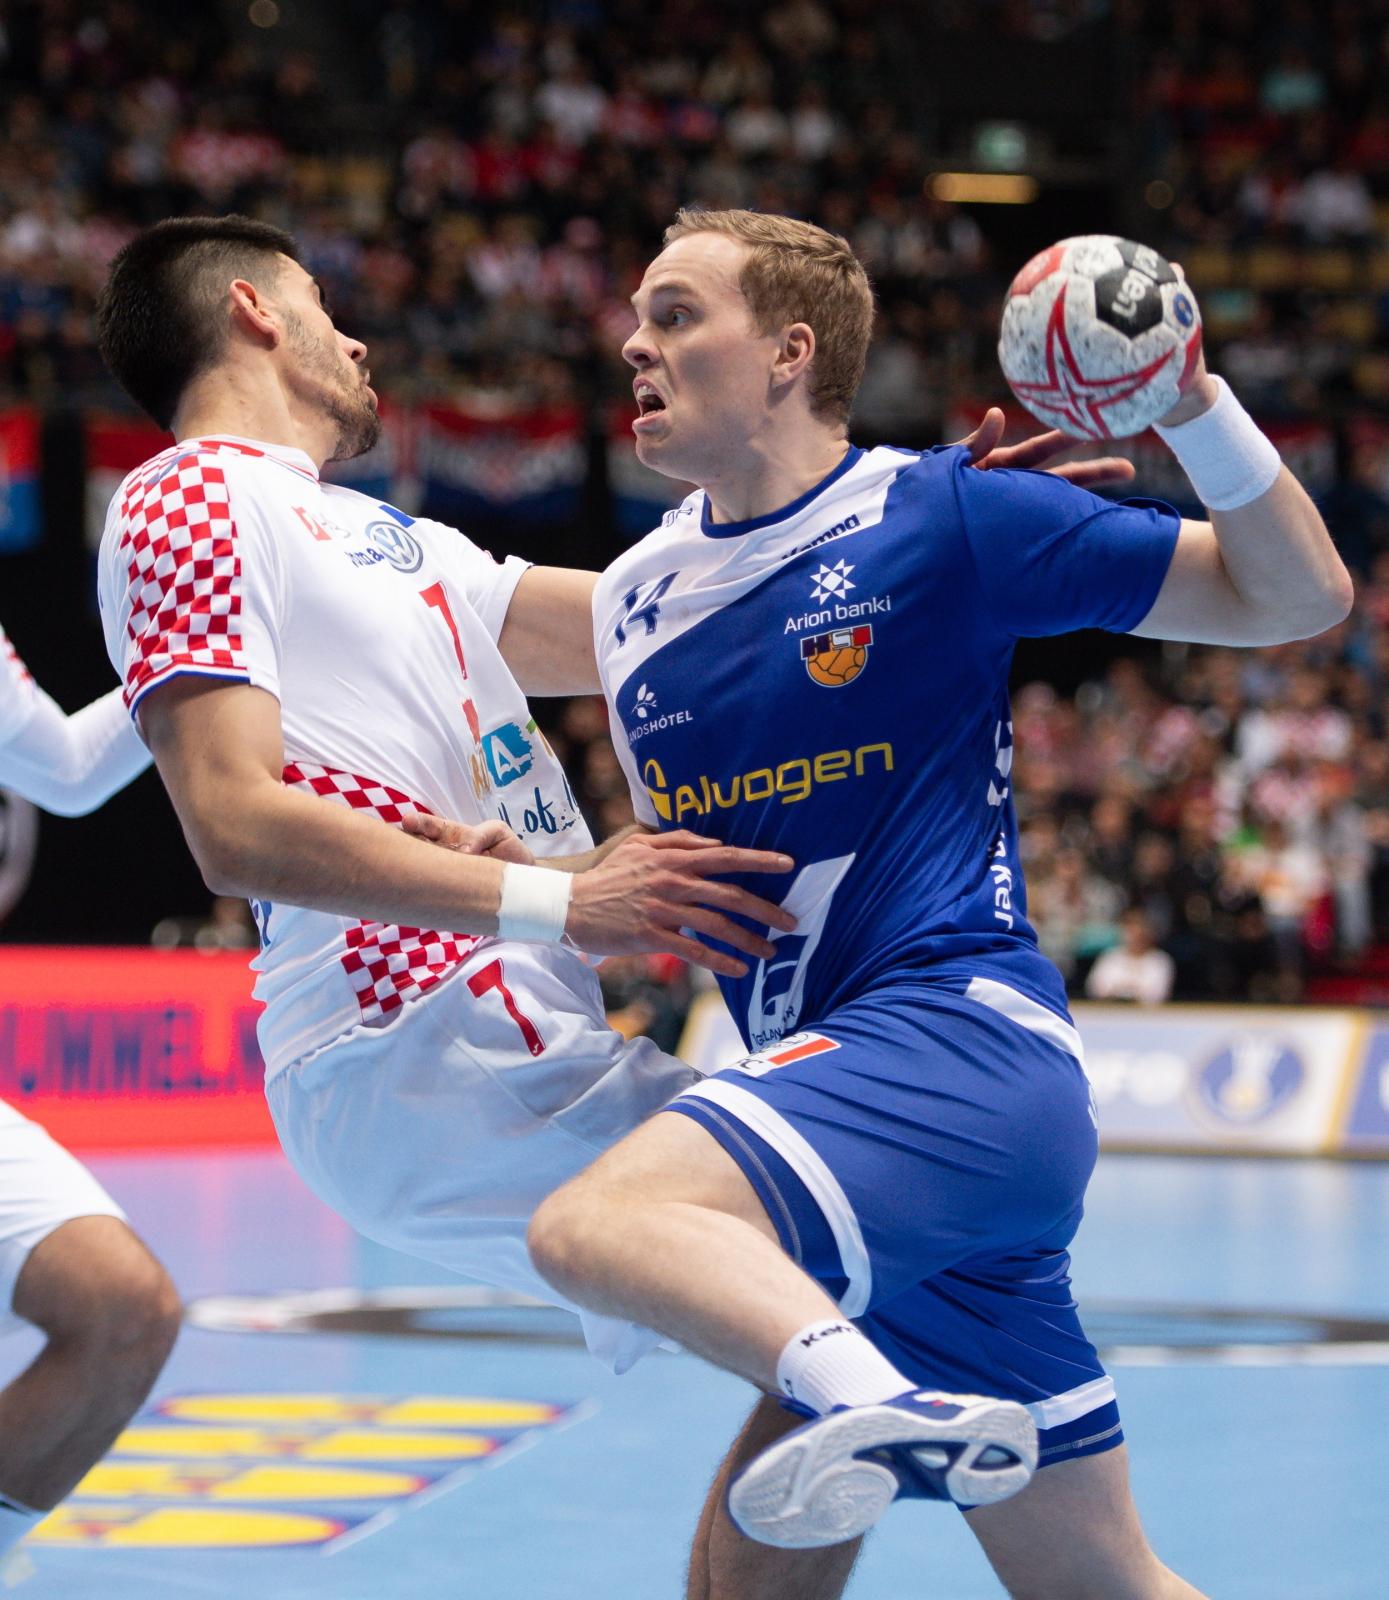 Mistrzostwa Świata w piłce ręcznej mężczyzn - mecz między Islandią a Chorwacją w niemieckim Monachium. Fot. PAP/EPA/DANIEL KOPATSCH